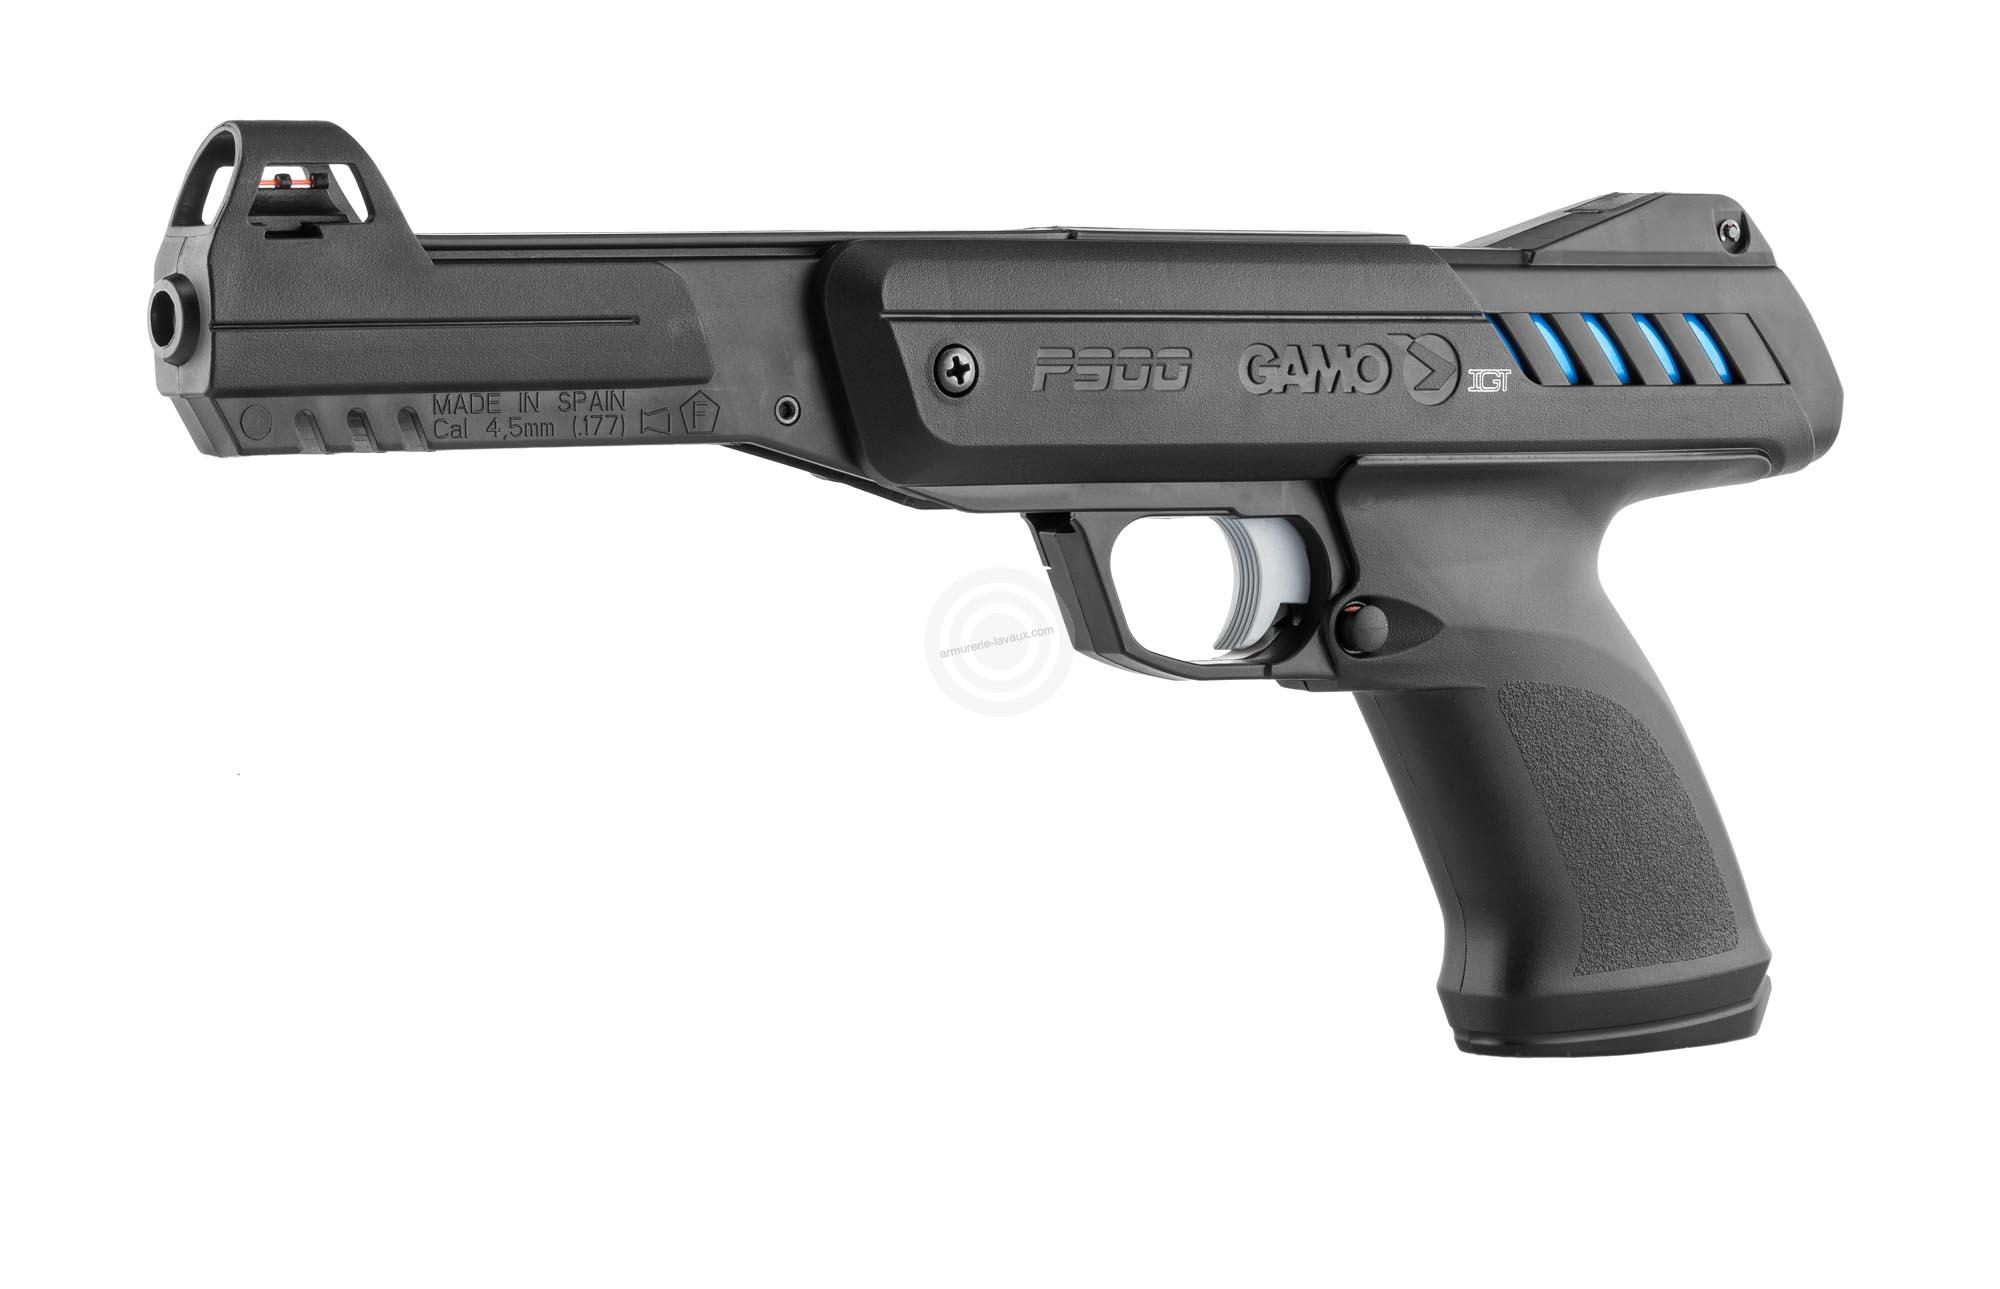 211b0488520593 Pistolet à plombs GAMO P 900 IGT - Armes de loisirs sur Armurerie-Lavaux